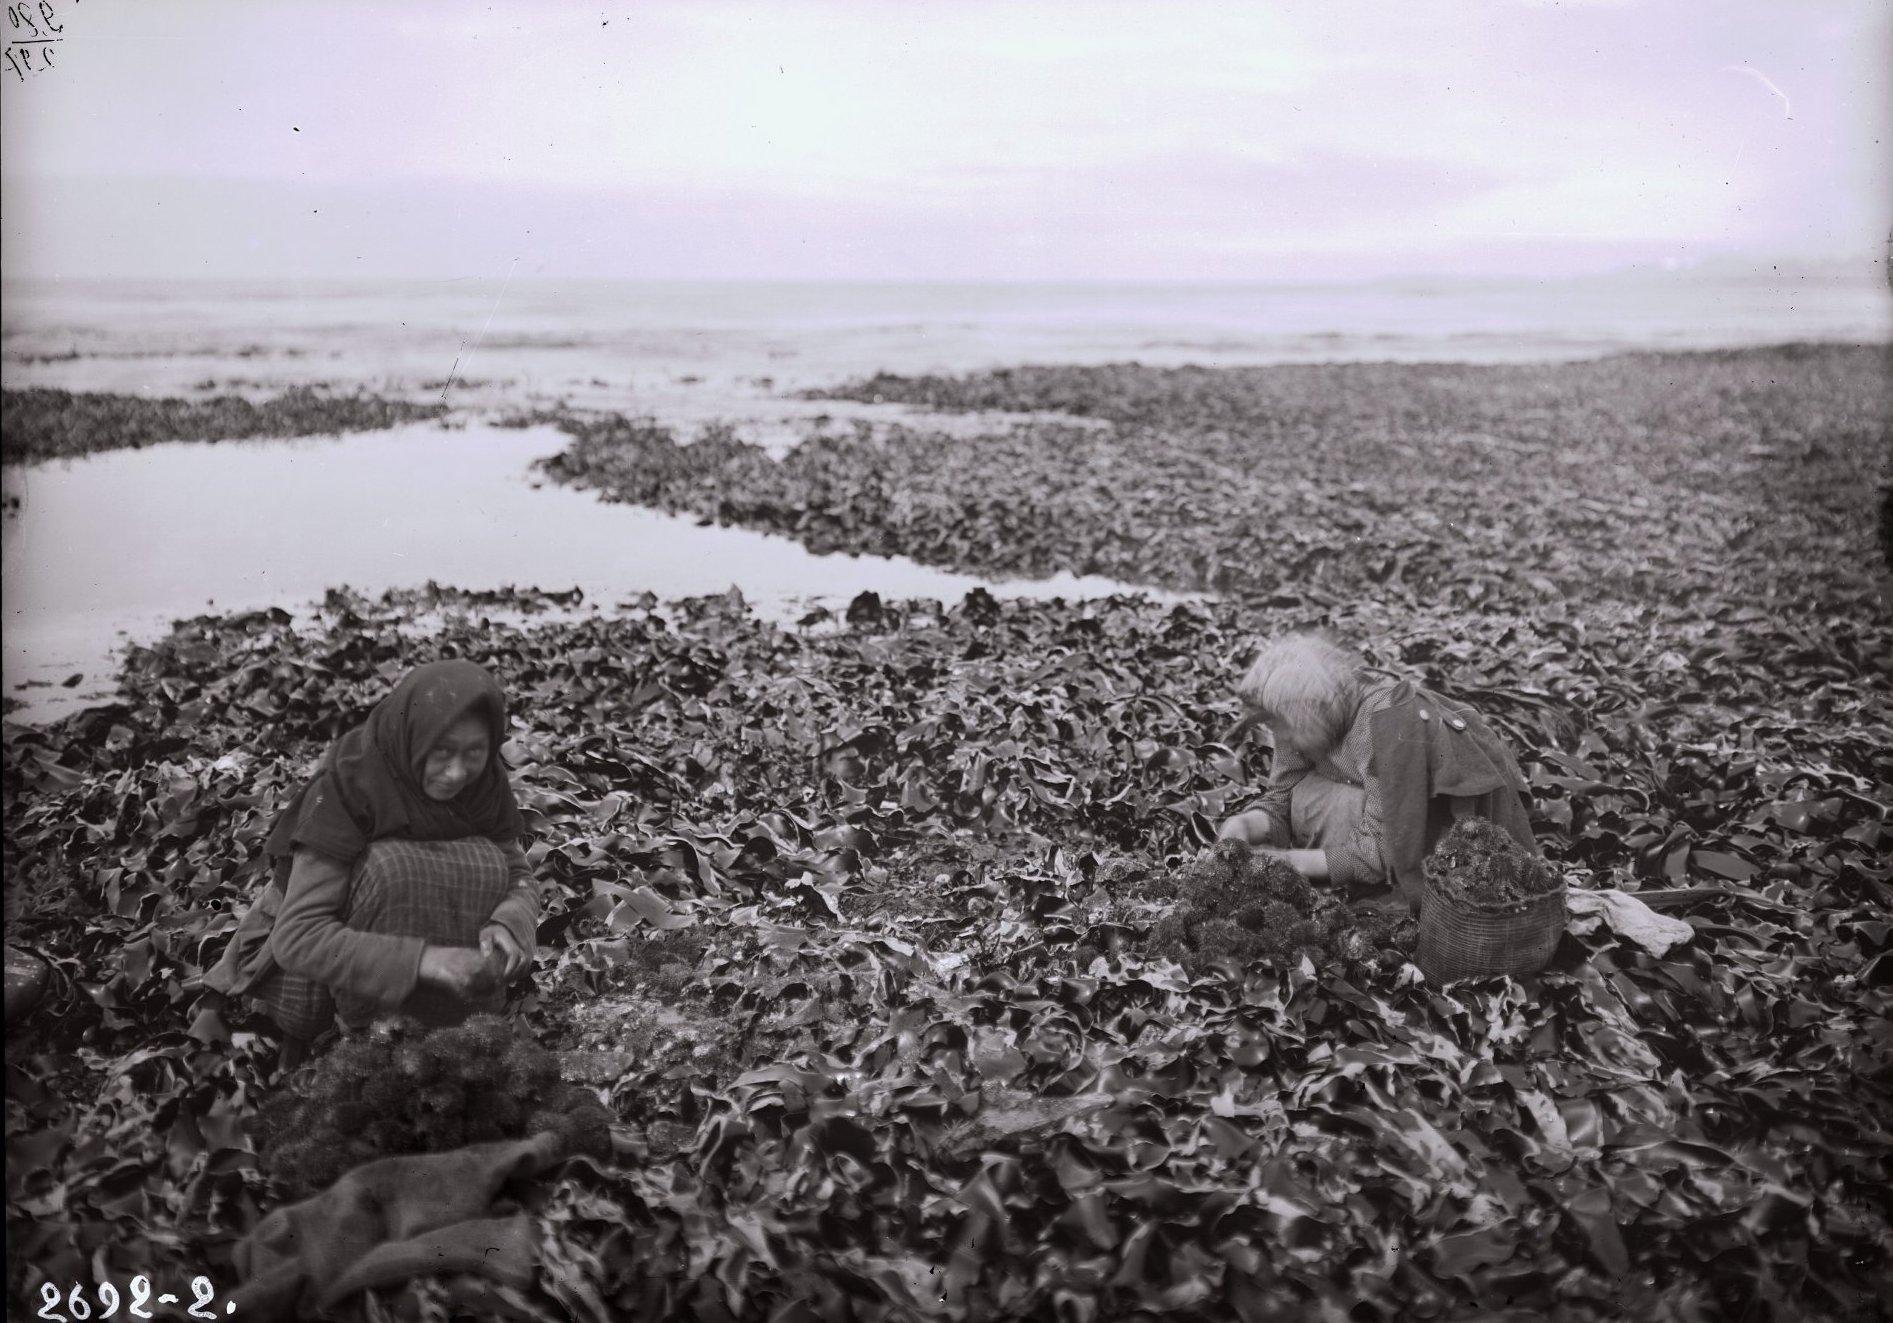 1909. Женщины за разбиванием панцирей морских ежей. Алеутские острова, Умнак остров, с. Никольское. 26 апреля